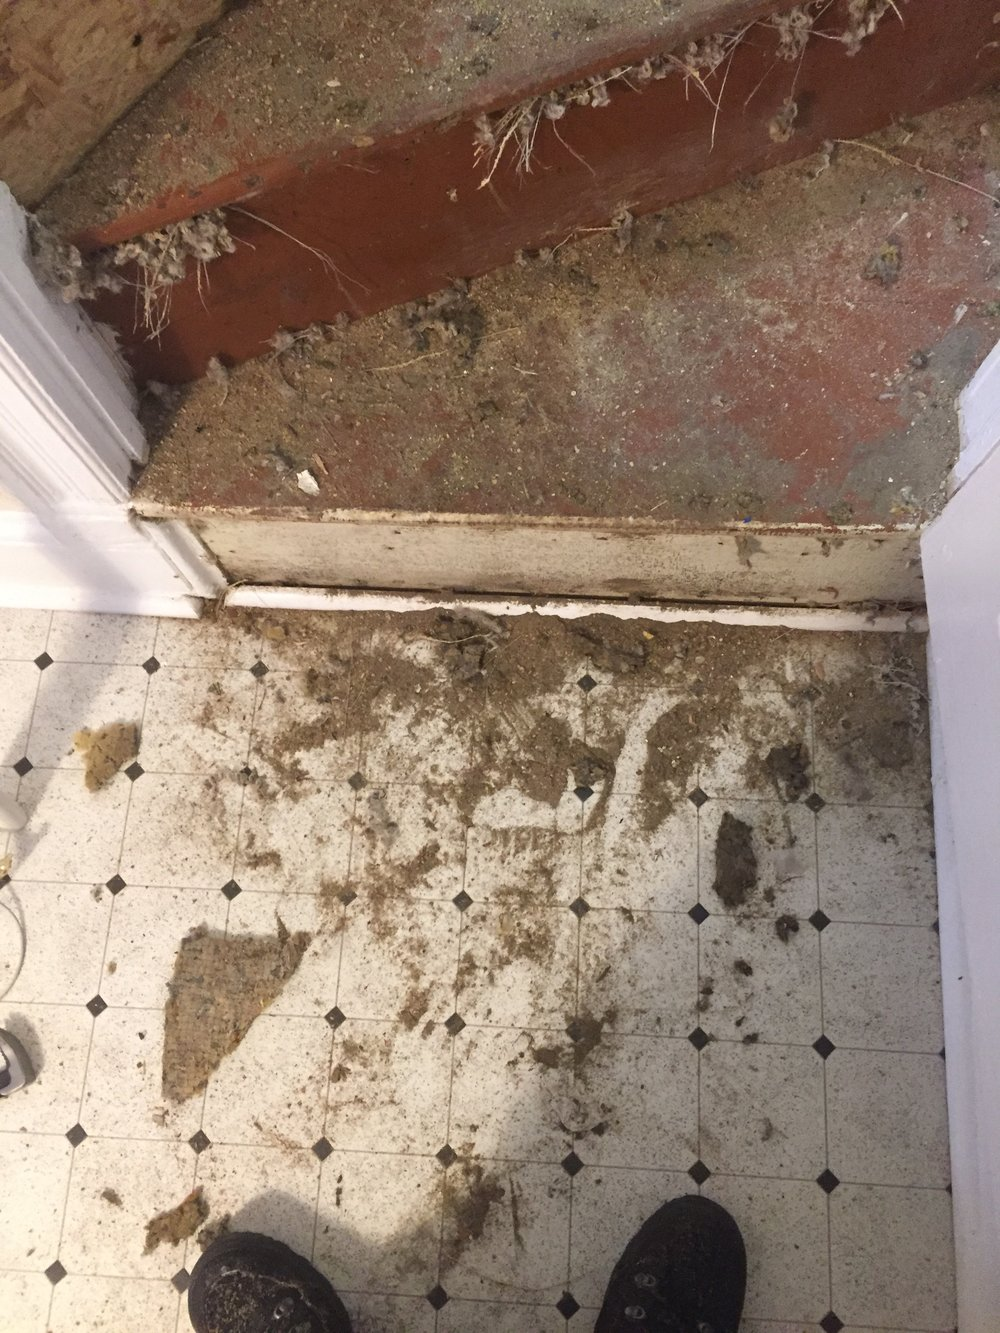 Dirt and carpet scraps.